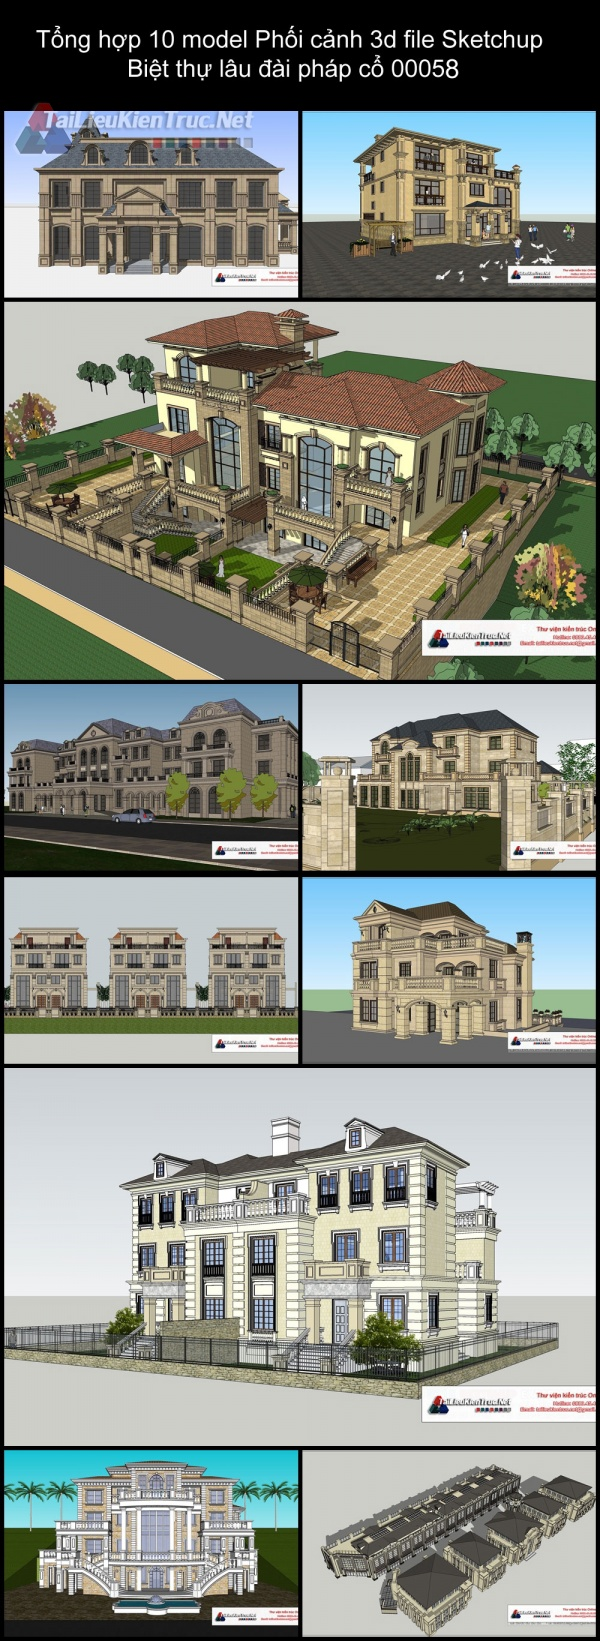 Tổng hợp 10 model Phối cảnh 3d file Sketchup Biệt thự lâu đài pháp cổ 00058